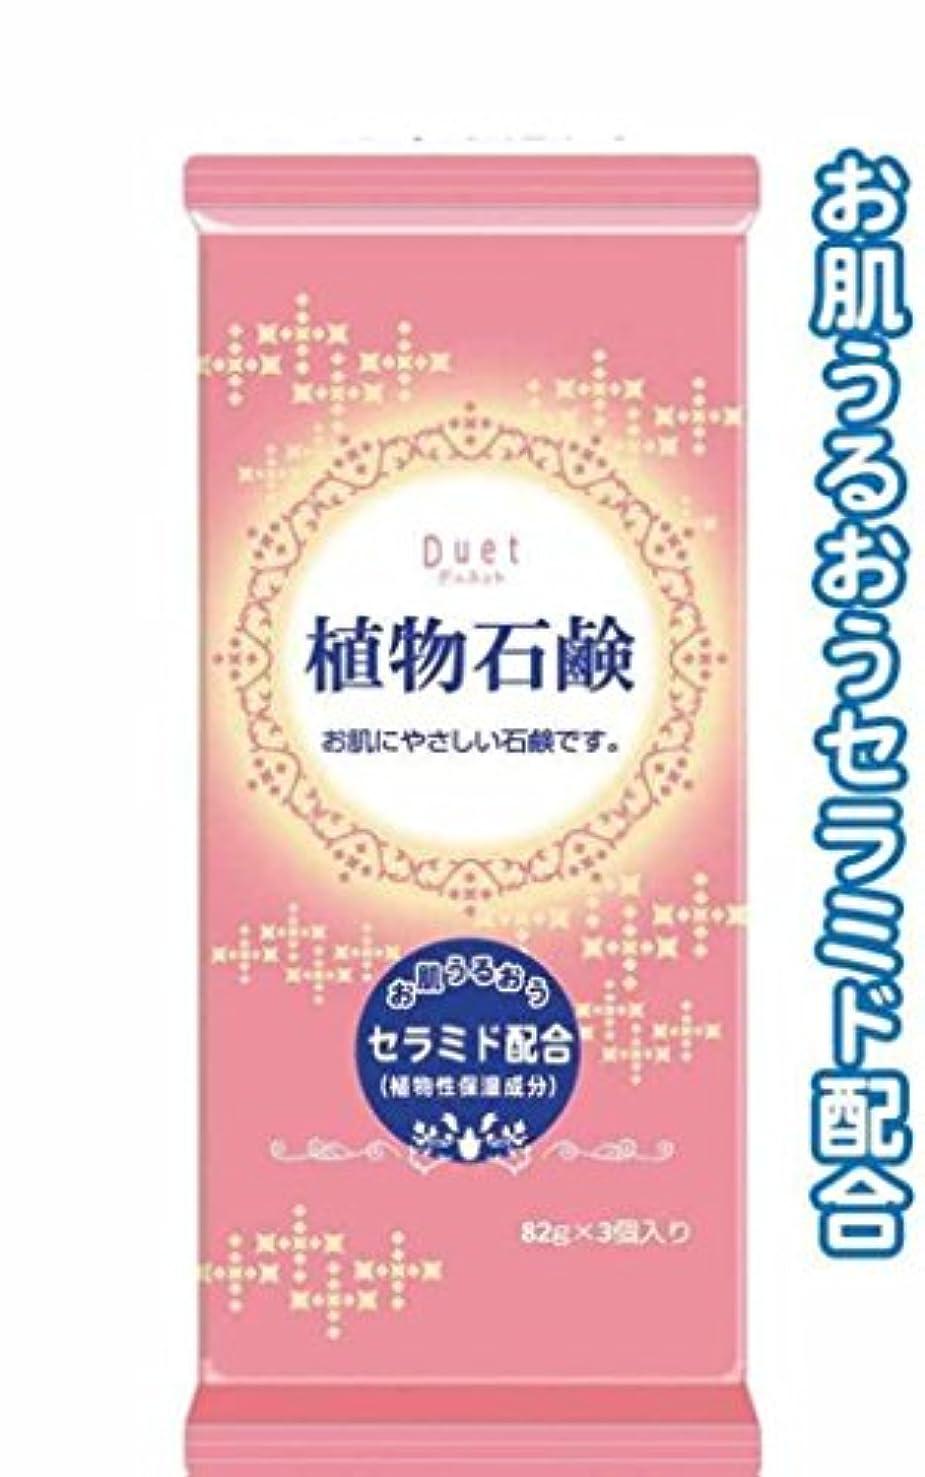 火山学ヘッドレスプリーツデュエット植物石鹸82g×3個入フローラルの香り 【まとめ買い4個入り×320パック 合計1280個セット】 46-204